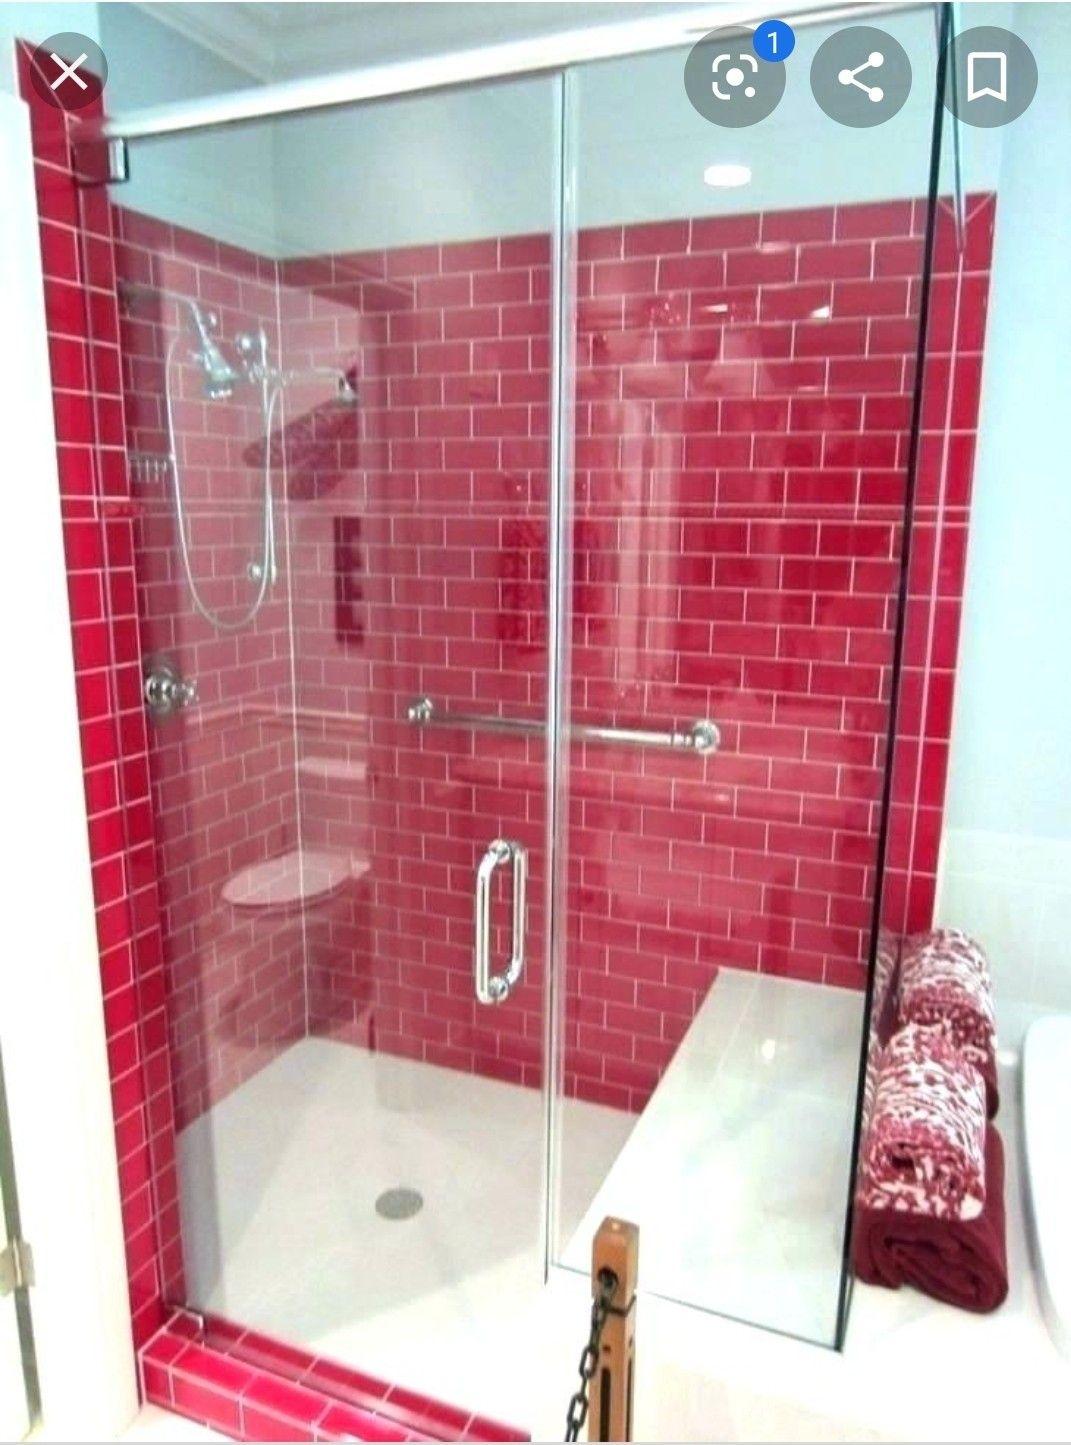 Pin By Janice Roye On Vortex Vision Board With Images Shower Tile Bathroom Red Tile Backsplash Bathroom